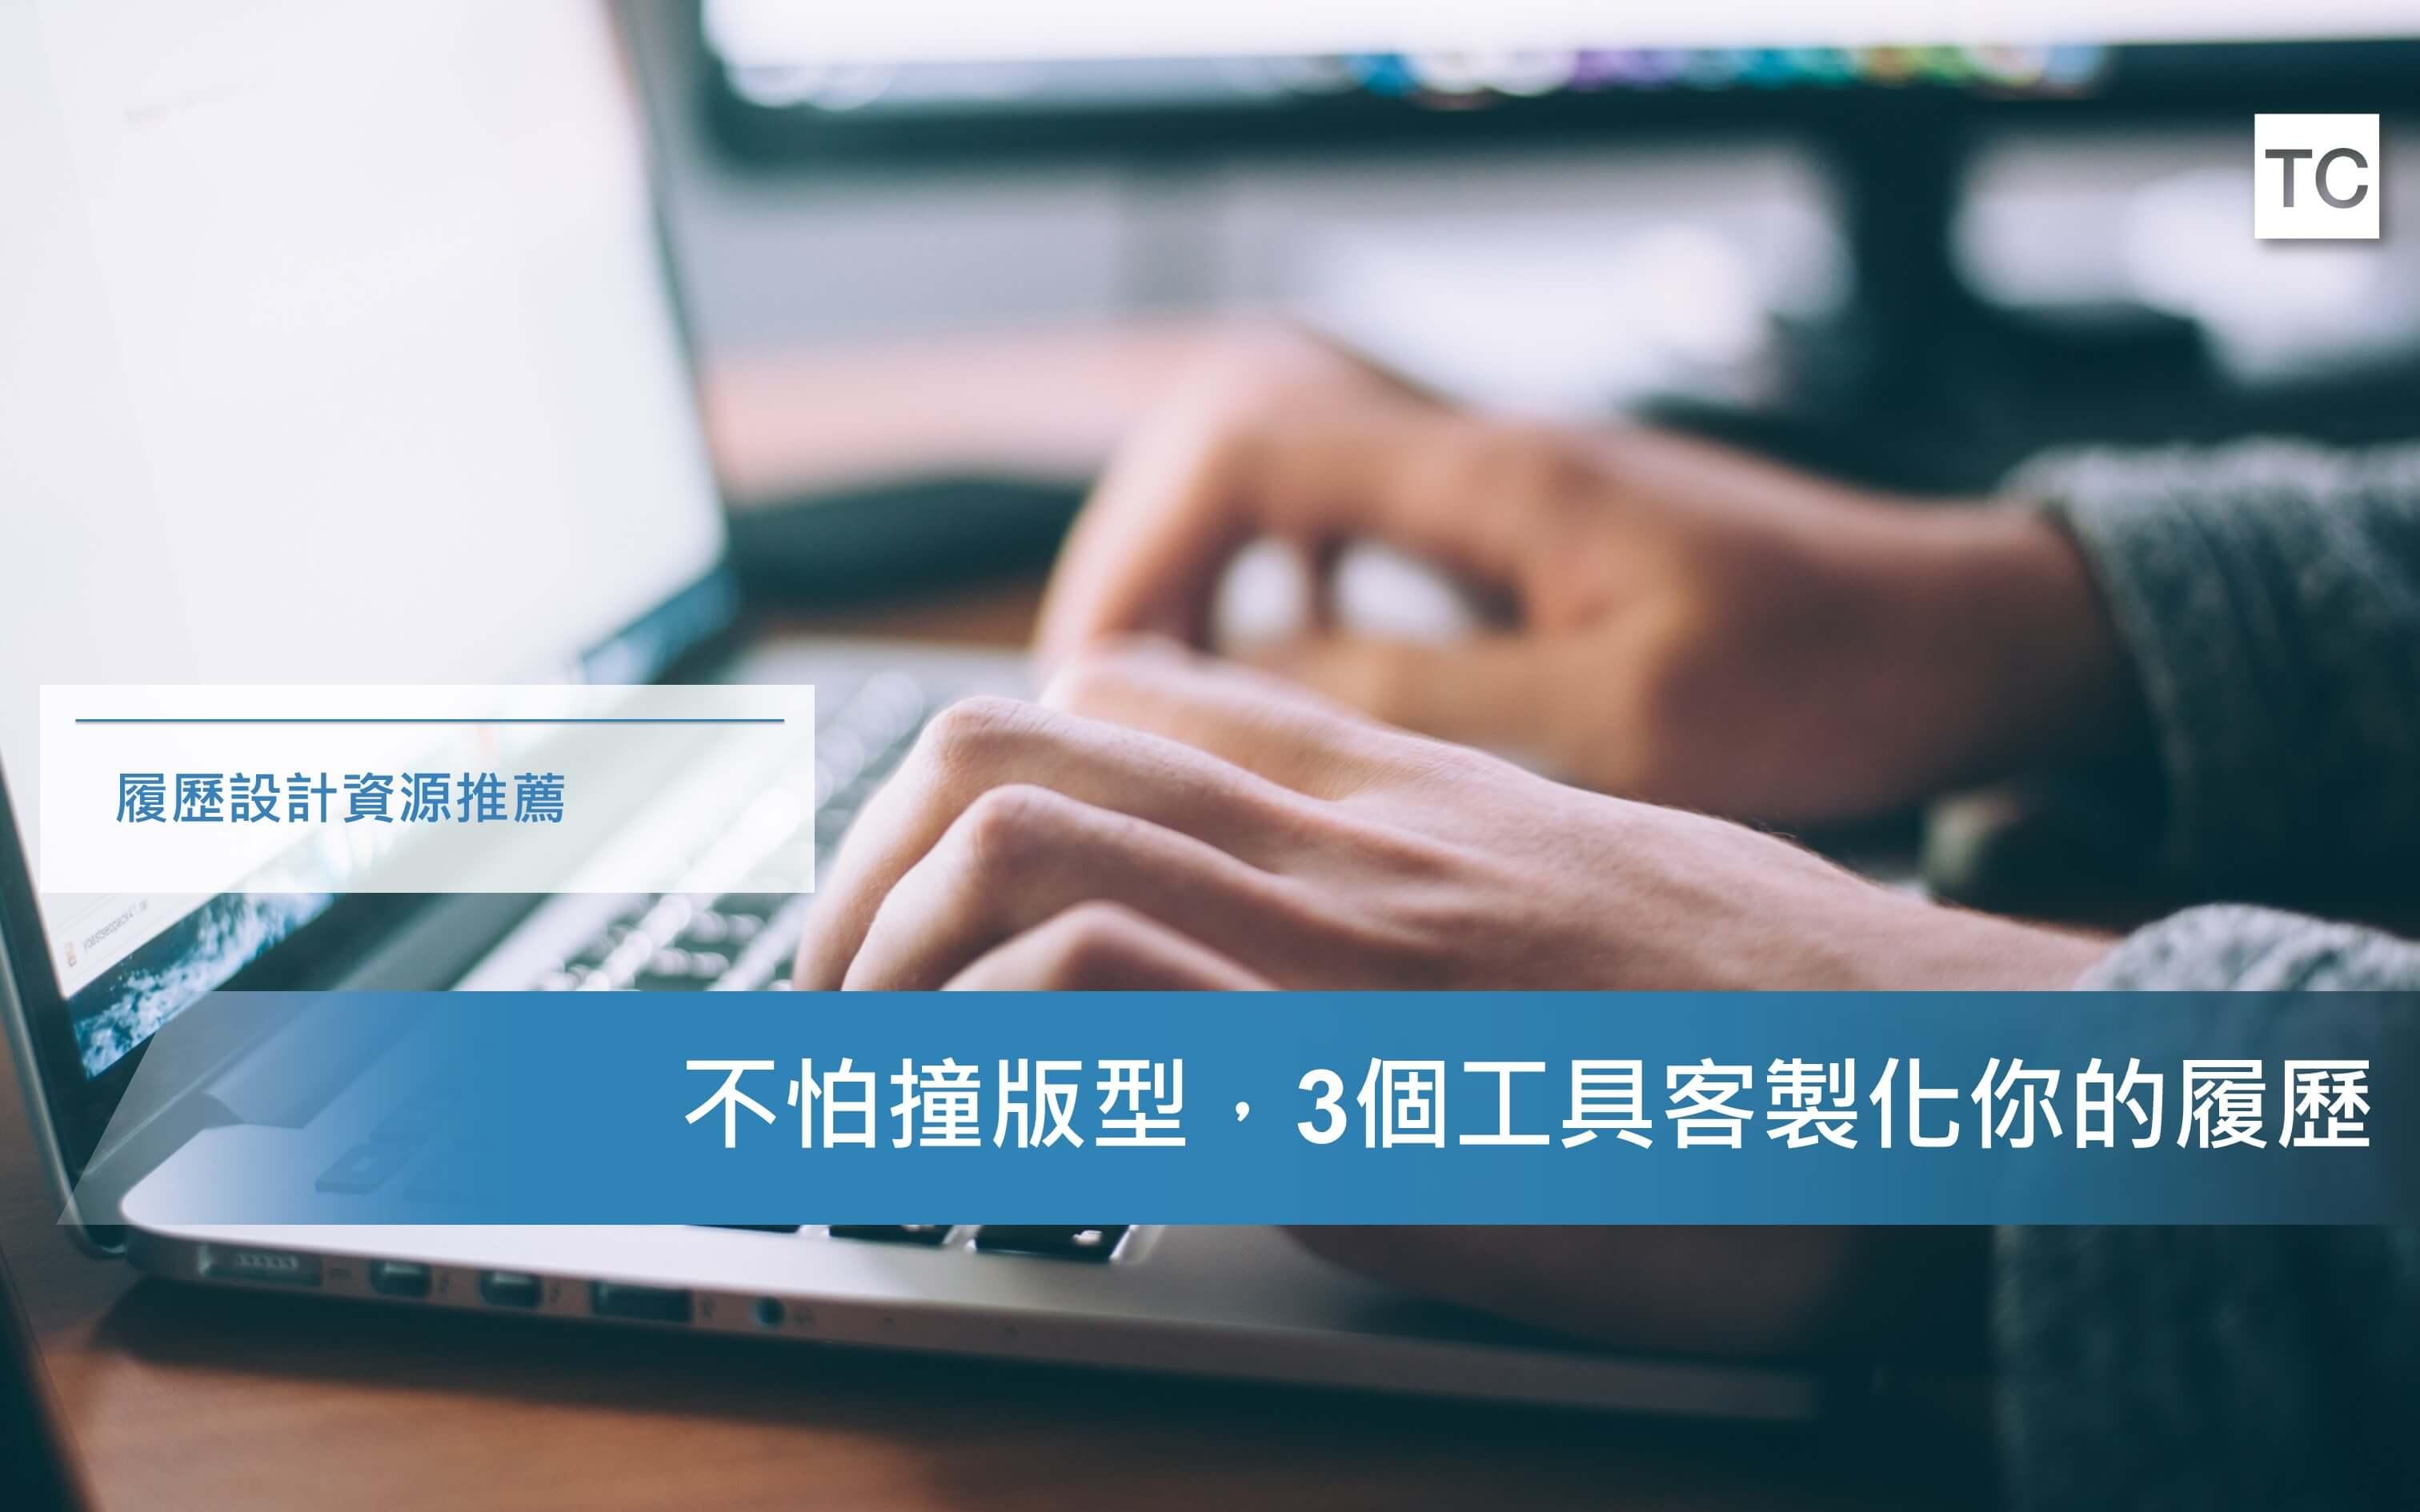 履歷設計教學網站推薦